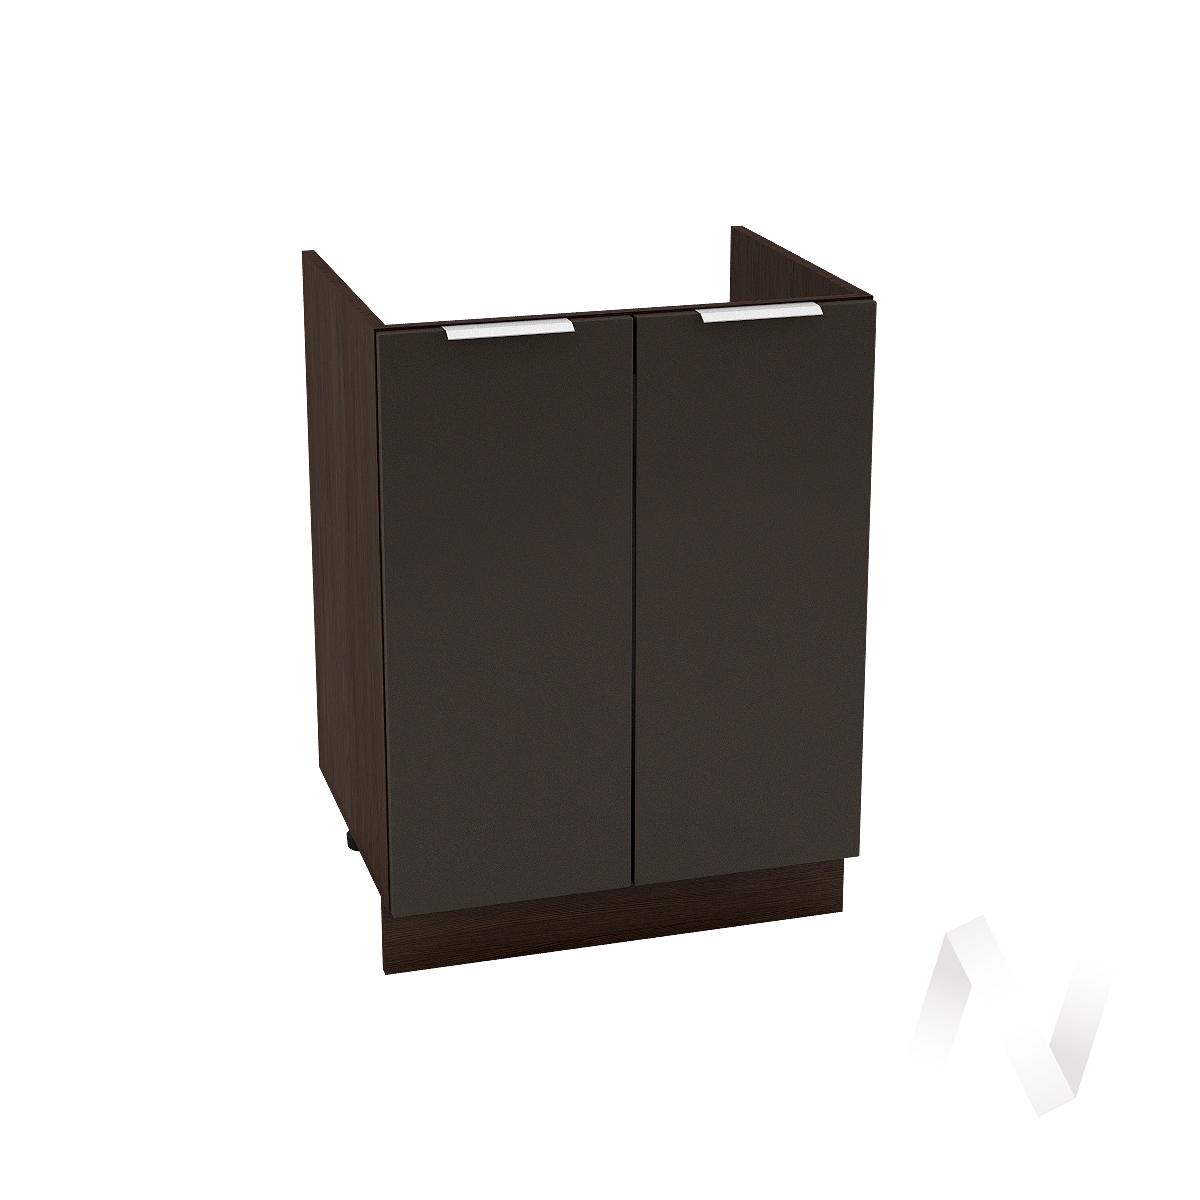 """Кухня """"Терра"""": Шкаф нижний под мойку 600, ШНМ 600 (смоки софт/корпус венге)"""